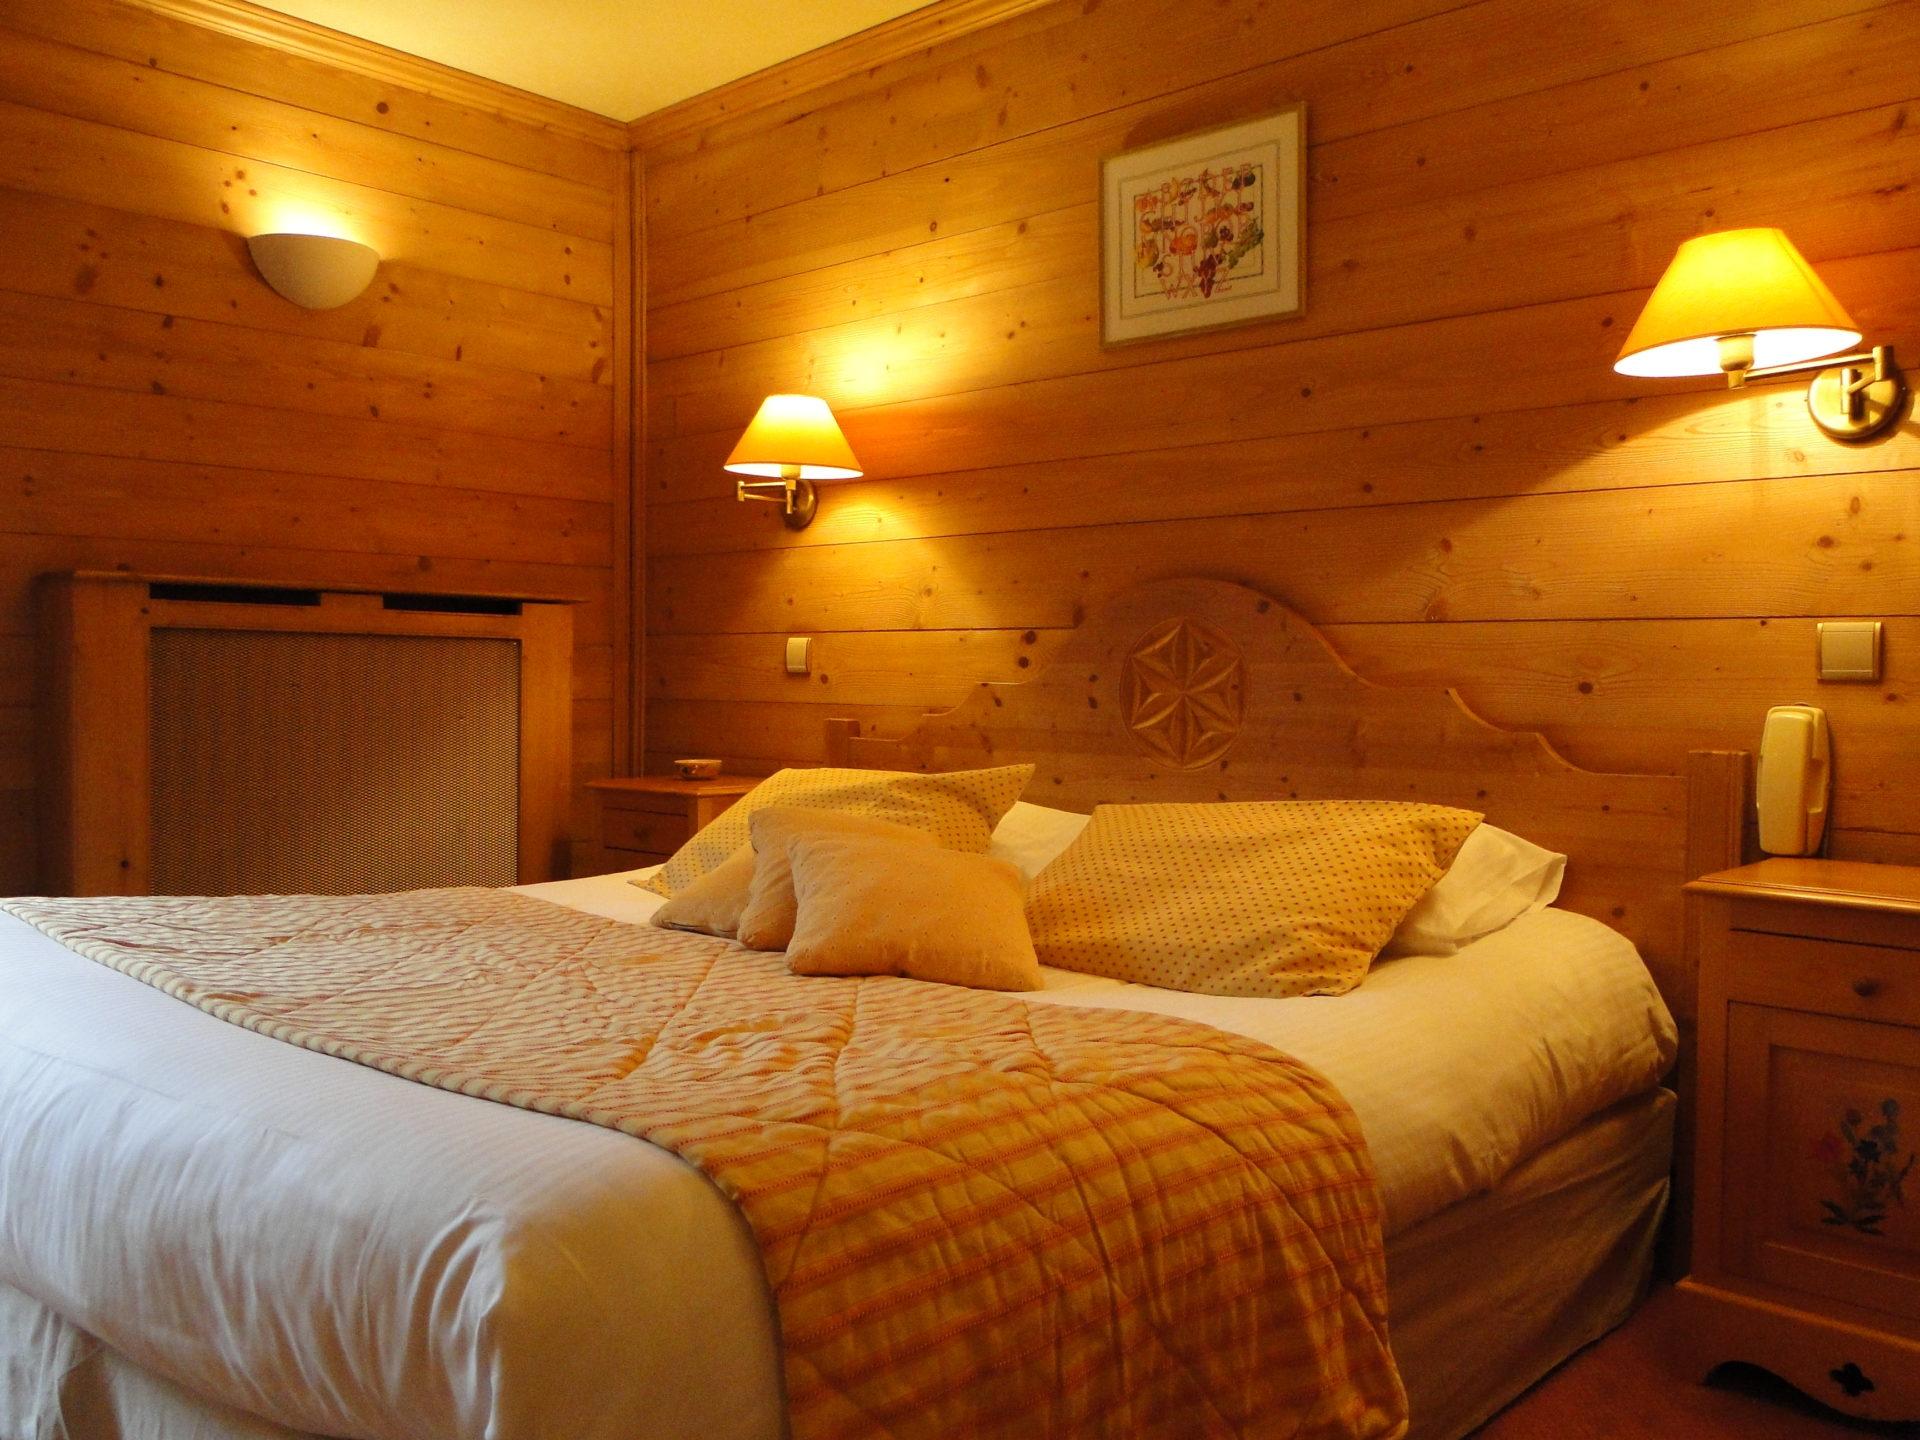 Les chambres hotel caprice des neiges crest voland - Chambre d hote crest voland ...